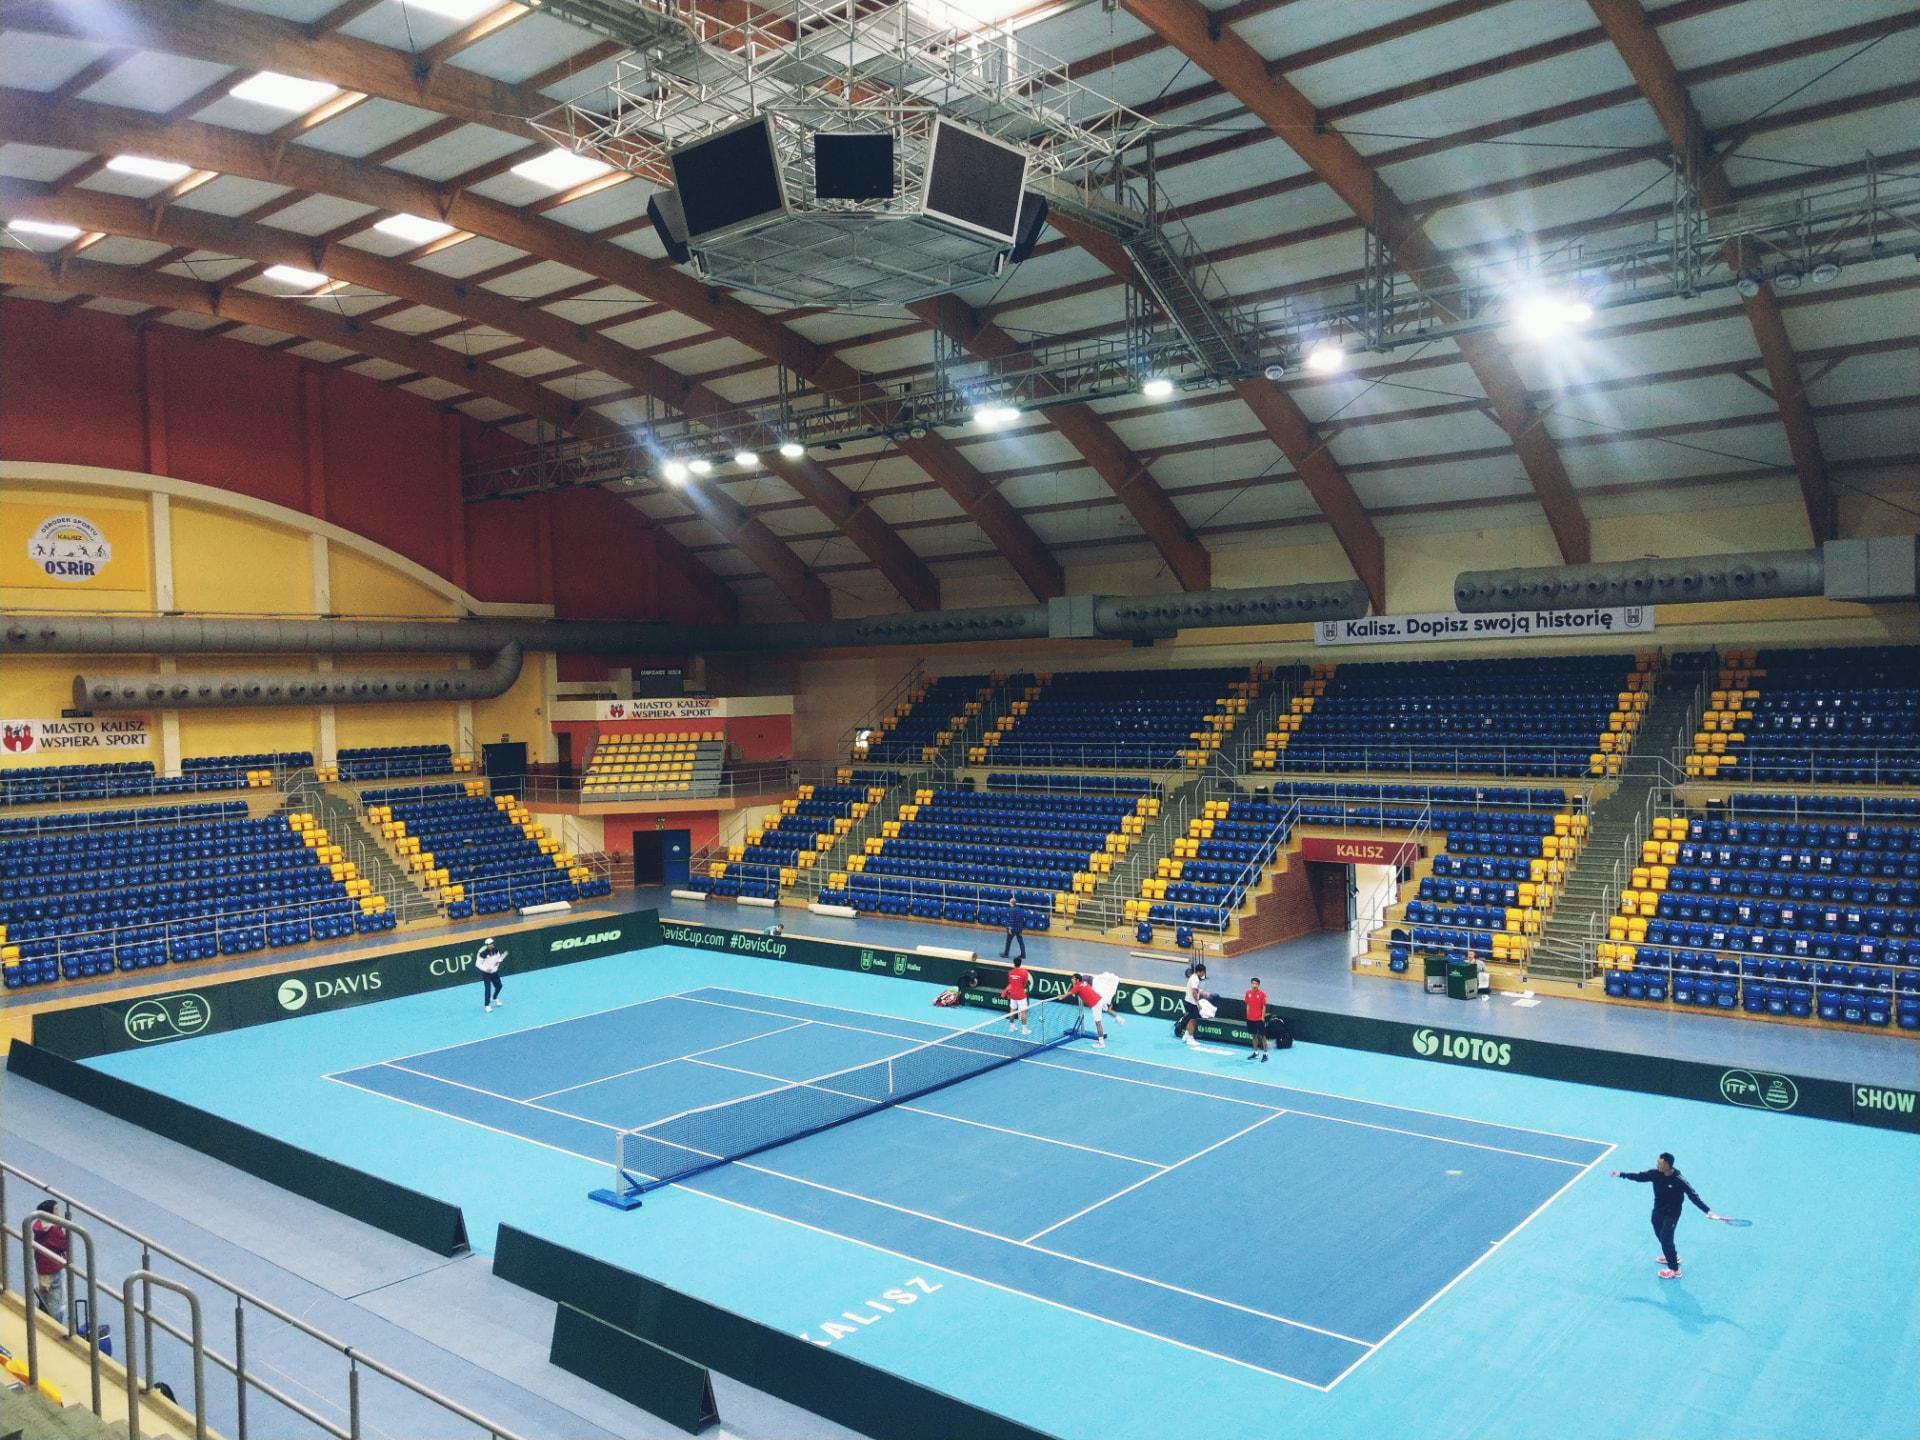 Final court